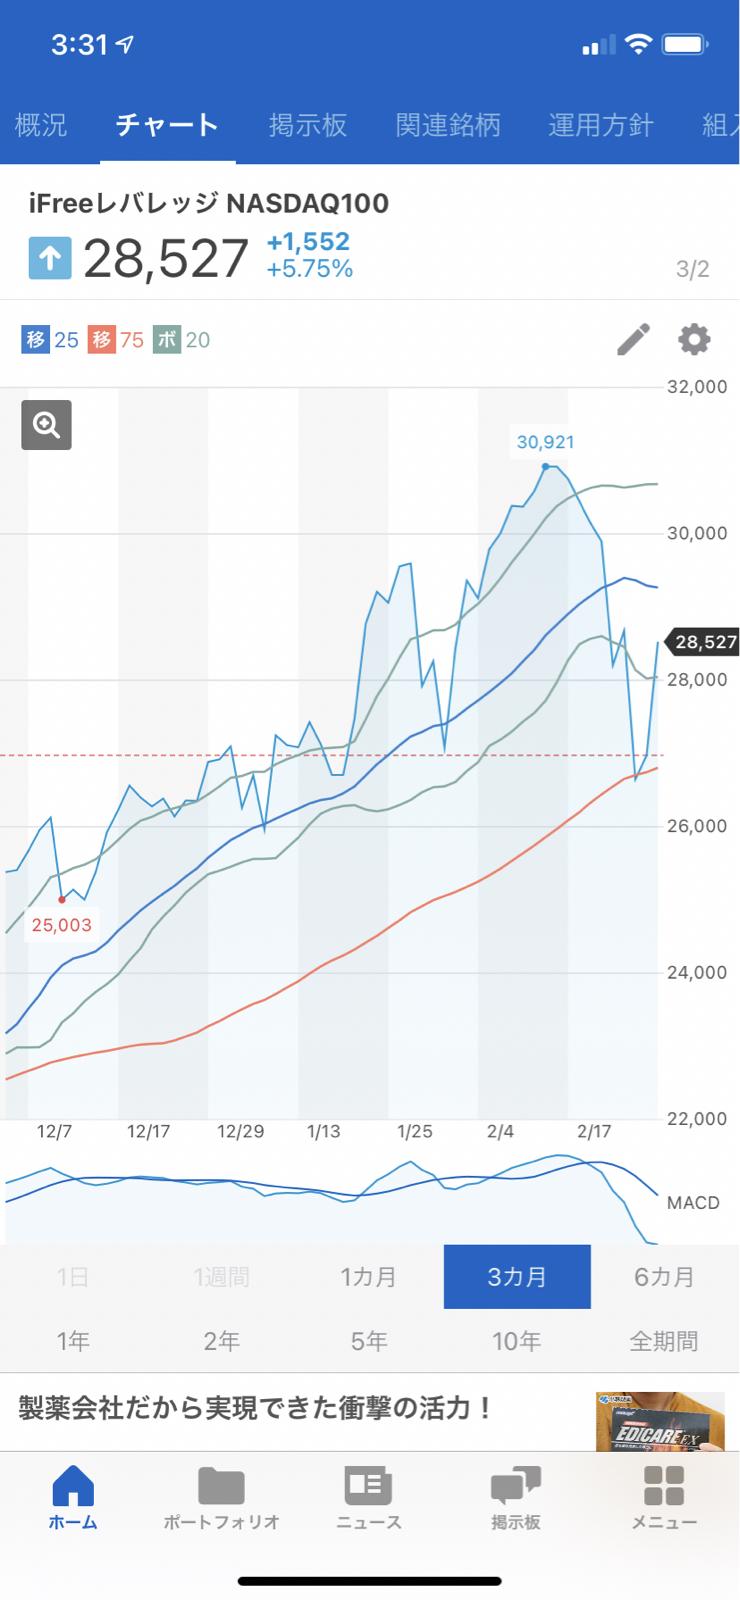 0431218A - iFreeレバレッジNASDAQ100 チャートです。 レバ掛けの低減効果が出てるよね(^^;;